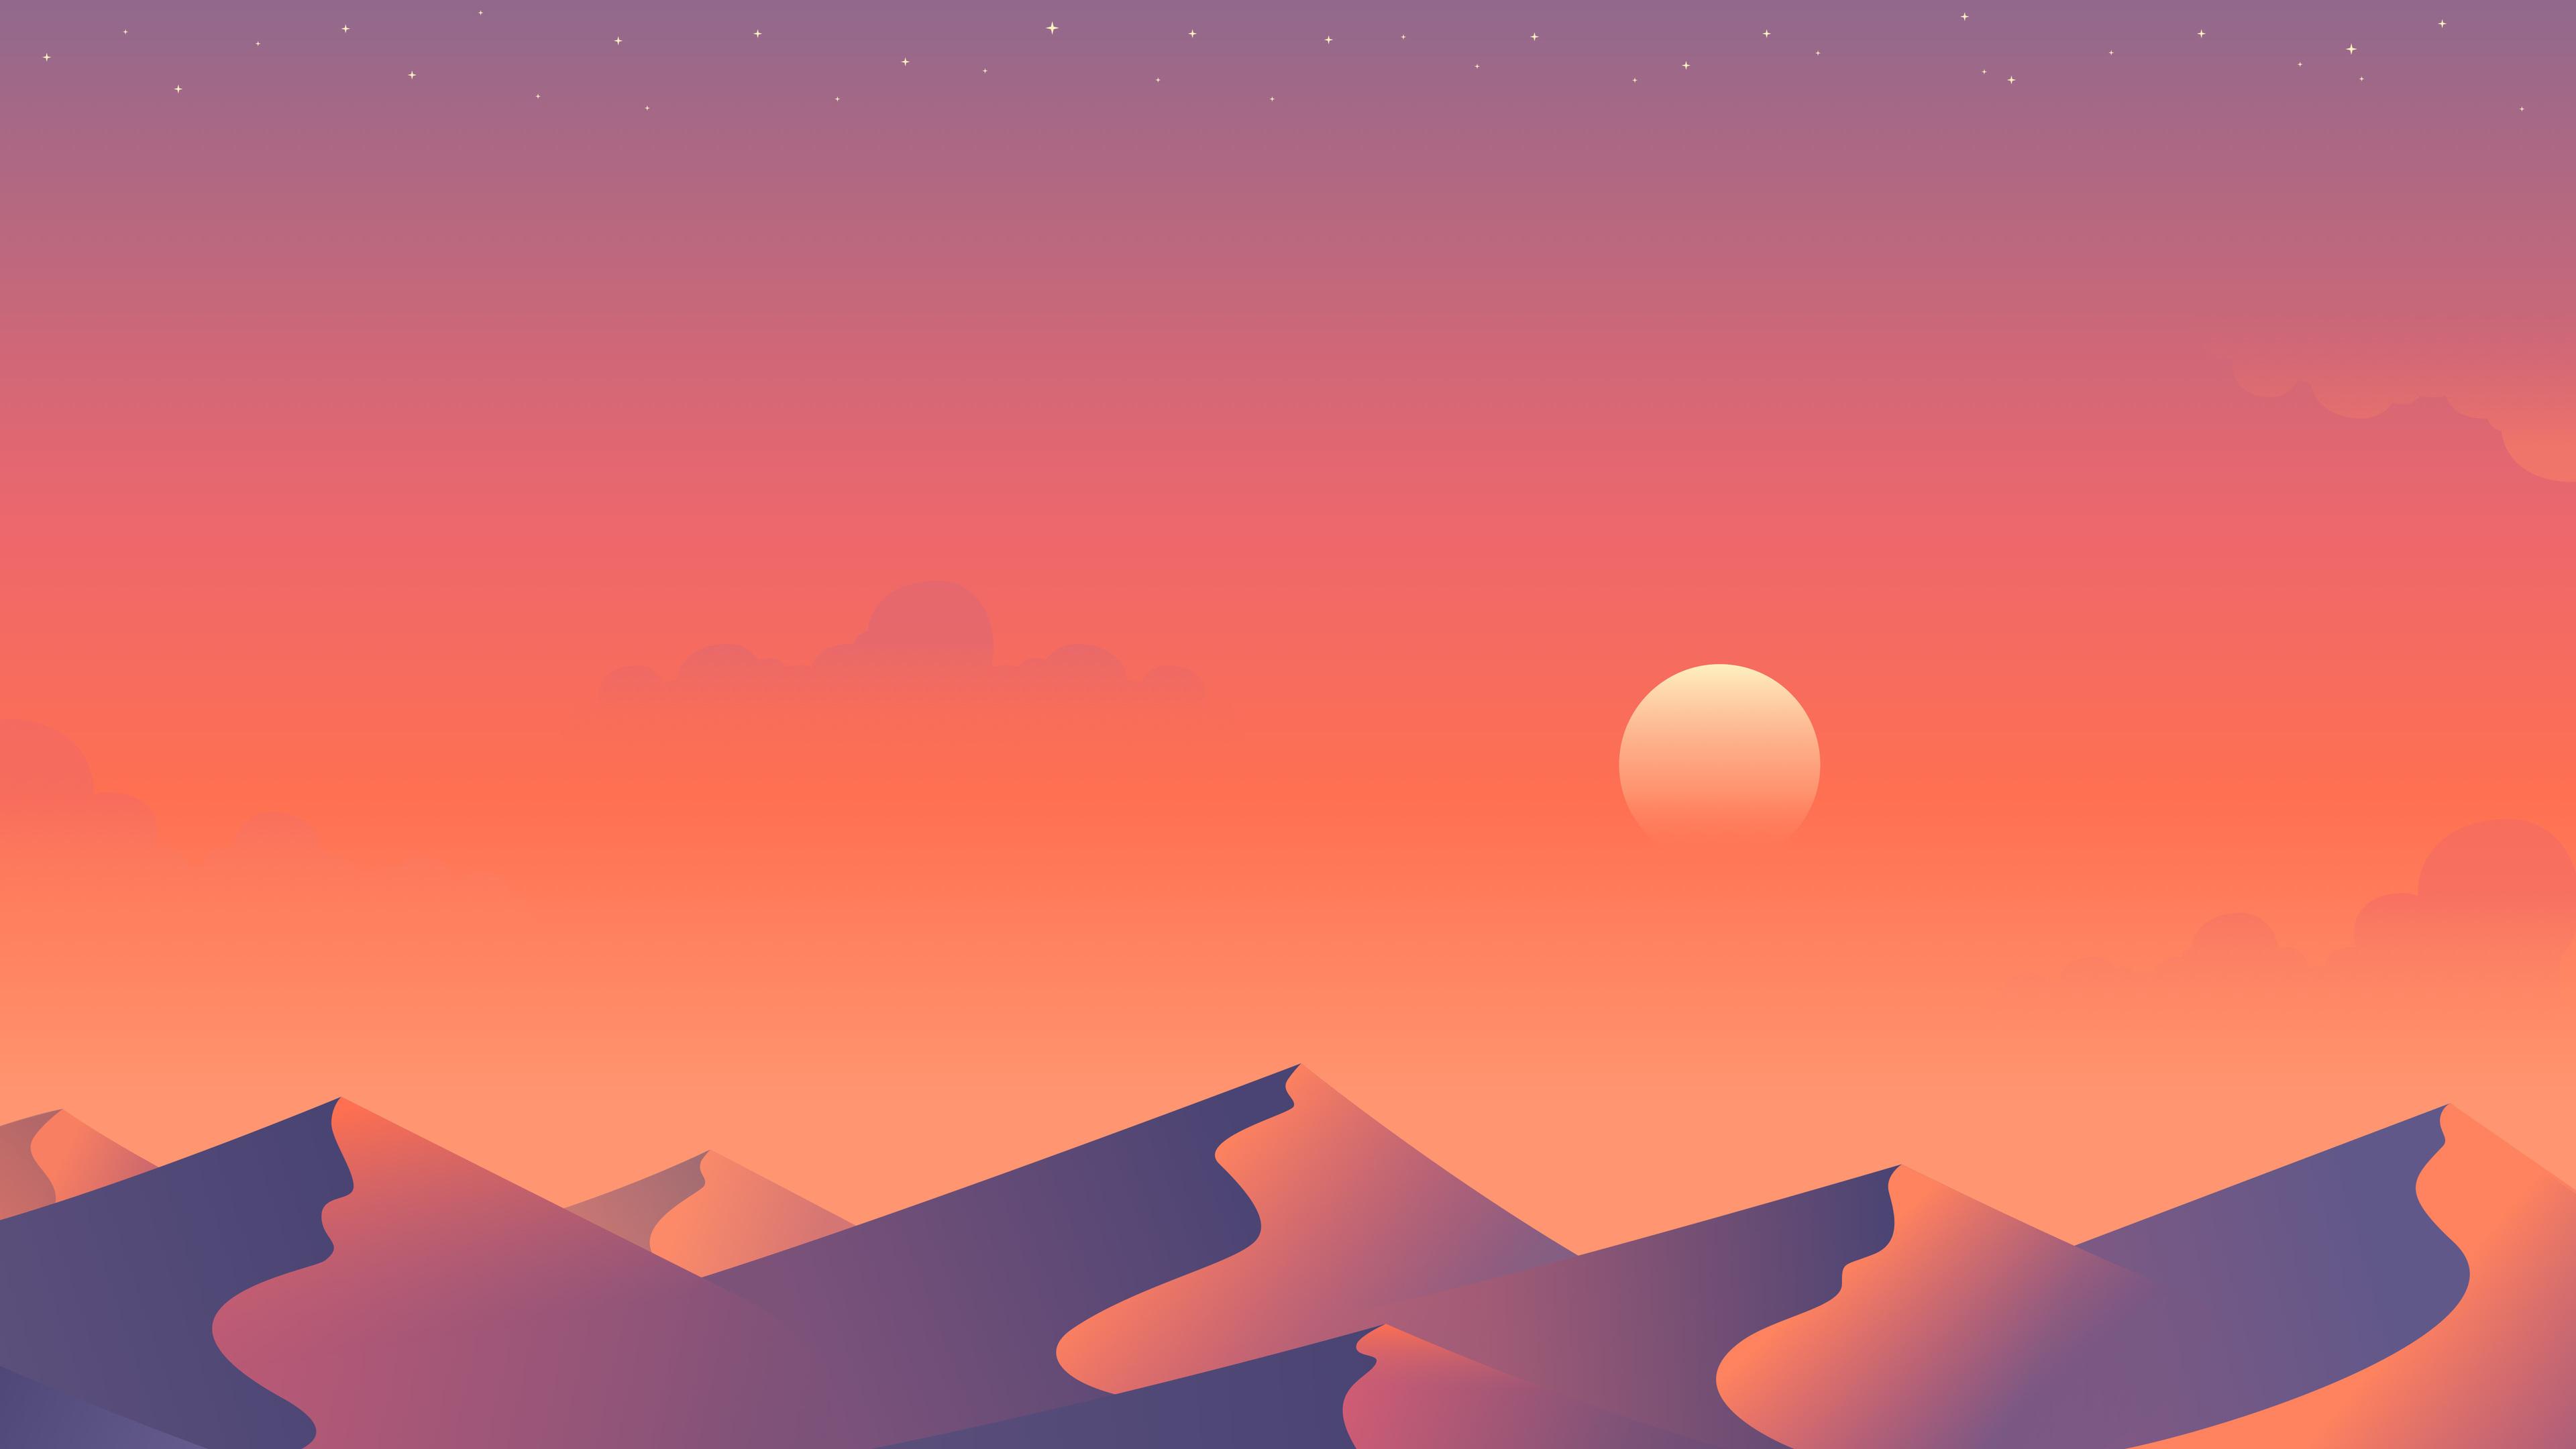 desert sun day 4k minimalism 1540749108 - Desert Sun Day 4k Minimalism - sun wallpapers, moon wallpapers, minimalism wallpapers, hd-wallpapers, digital art wallpapers, desert wallpapers, artwork wallpapers, artist wallpapers, 5k wallpapers, 4k-wallpapers